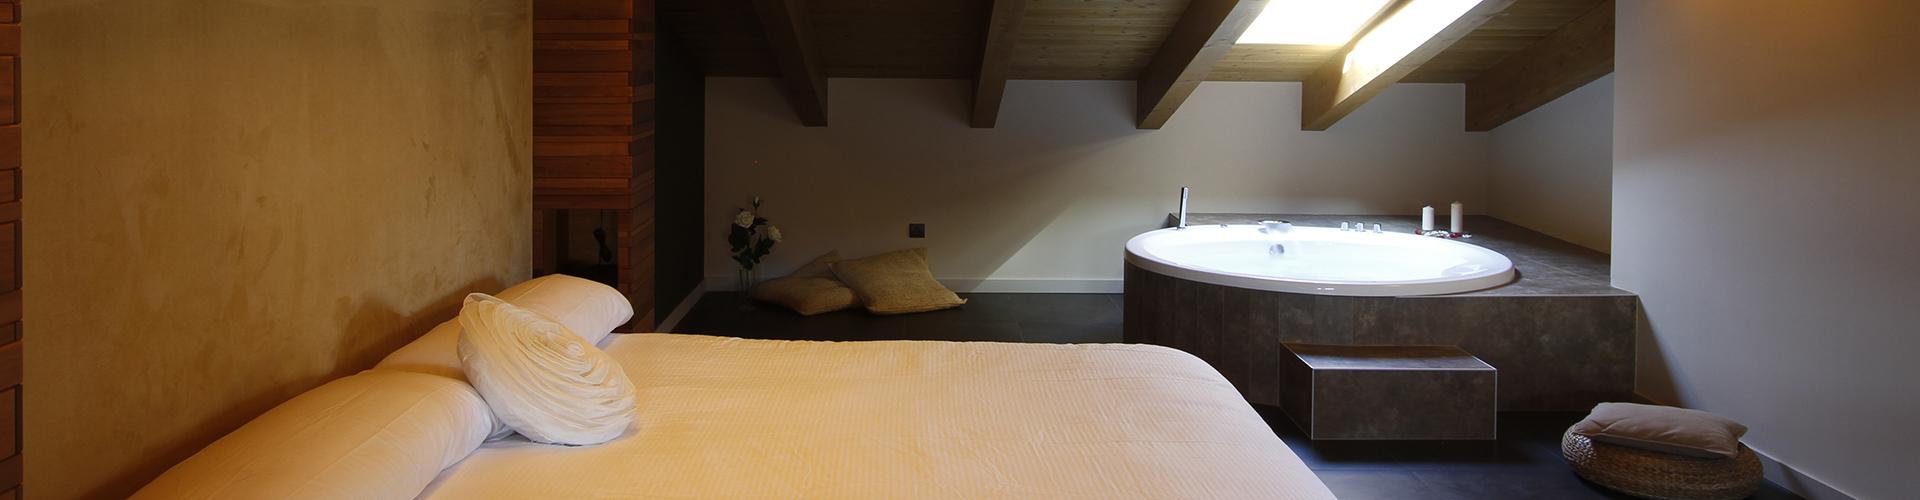 HOTEL SPA AGUAS DE LOS MALLOS (4)